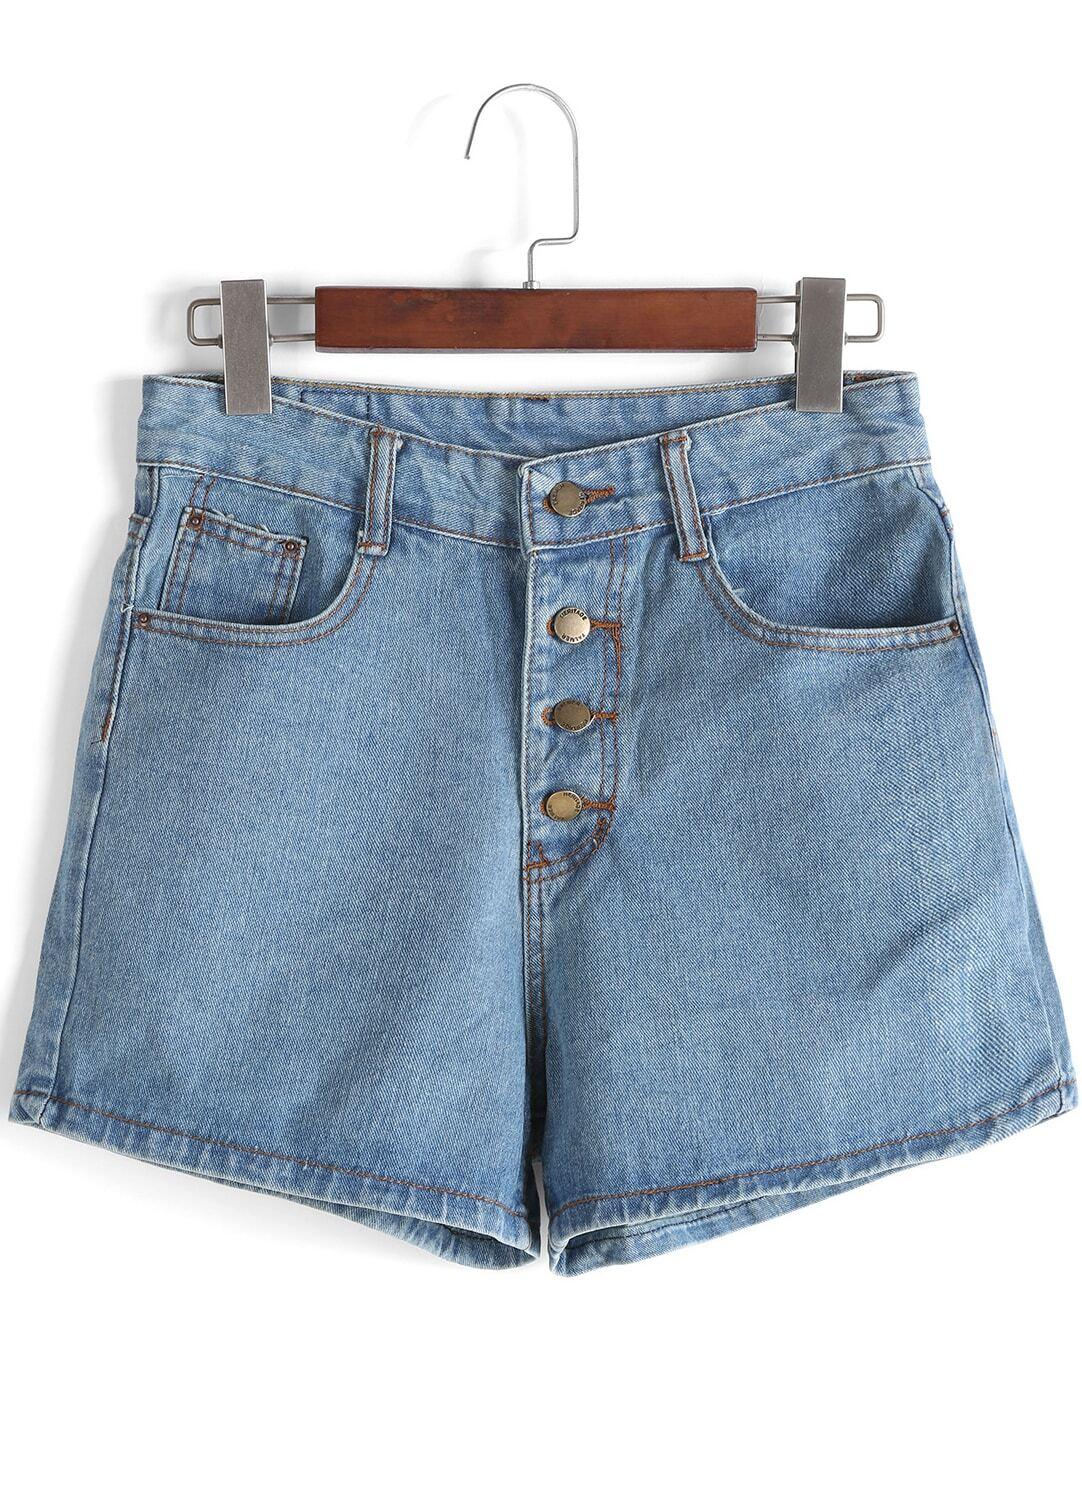 Blue High Waist Buttons Denim Shorts